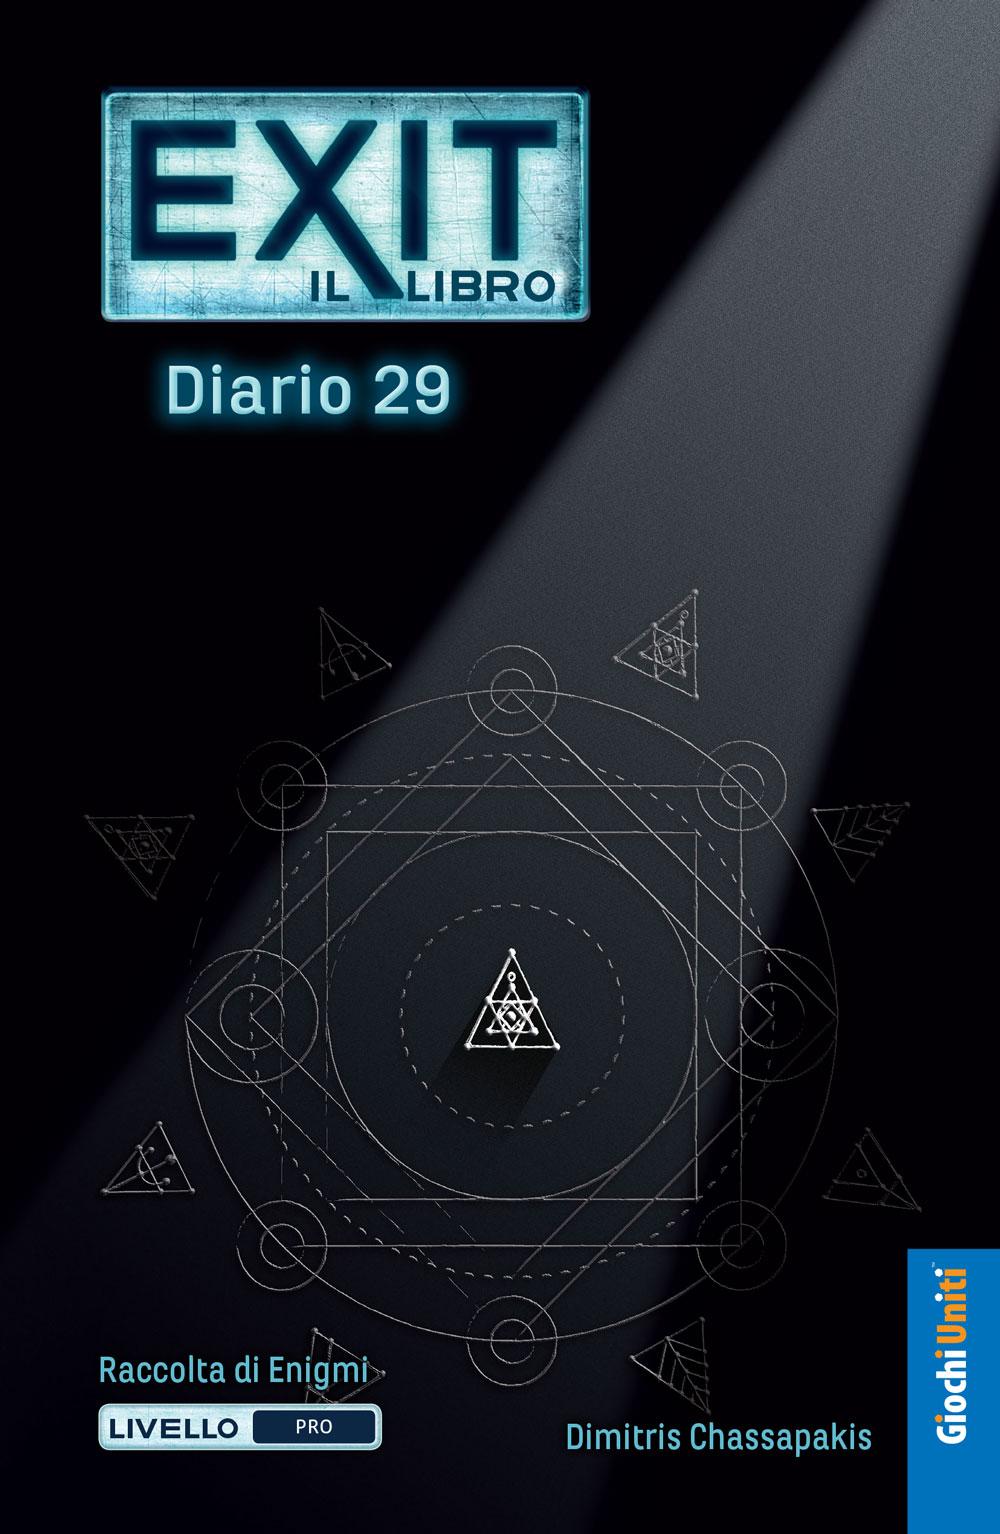 EXIT: DIARIO 29